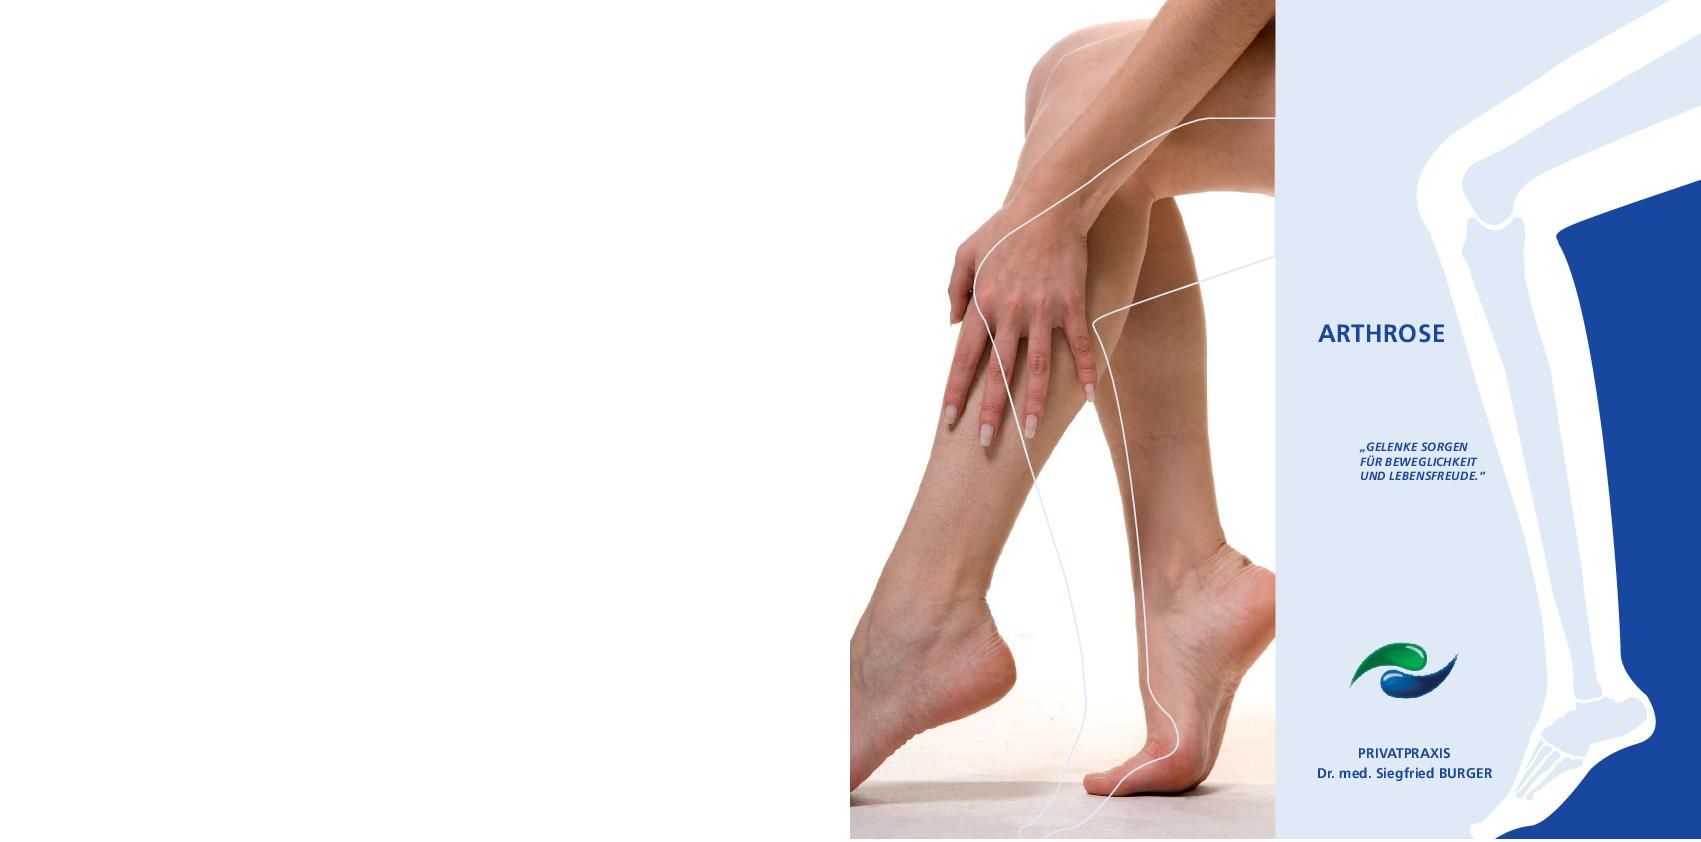 Flyer Arthrose Bei Arthrose gibt es Hilfe. Eine Vielzahl von Behandlungsmöglichkeiten steht zur Verfügung.